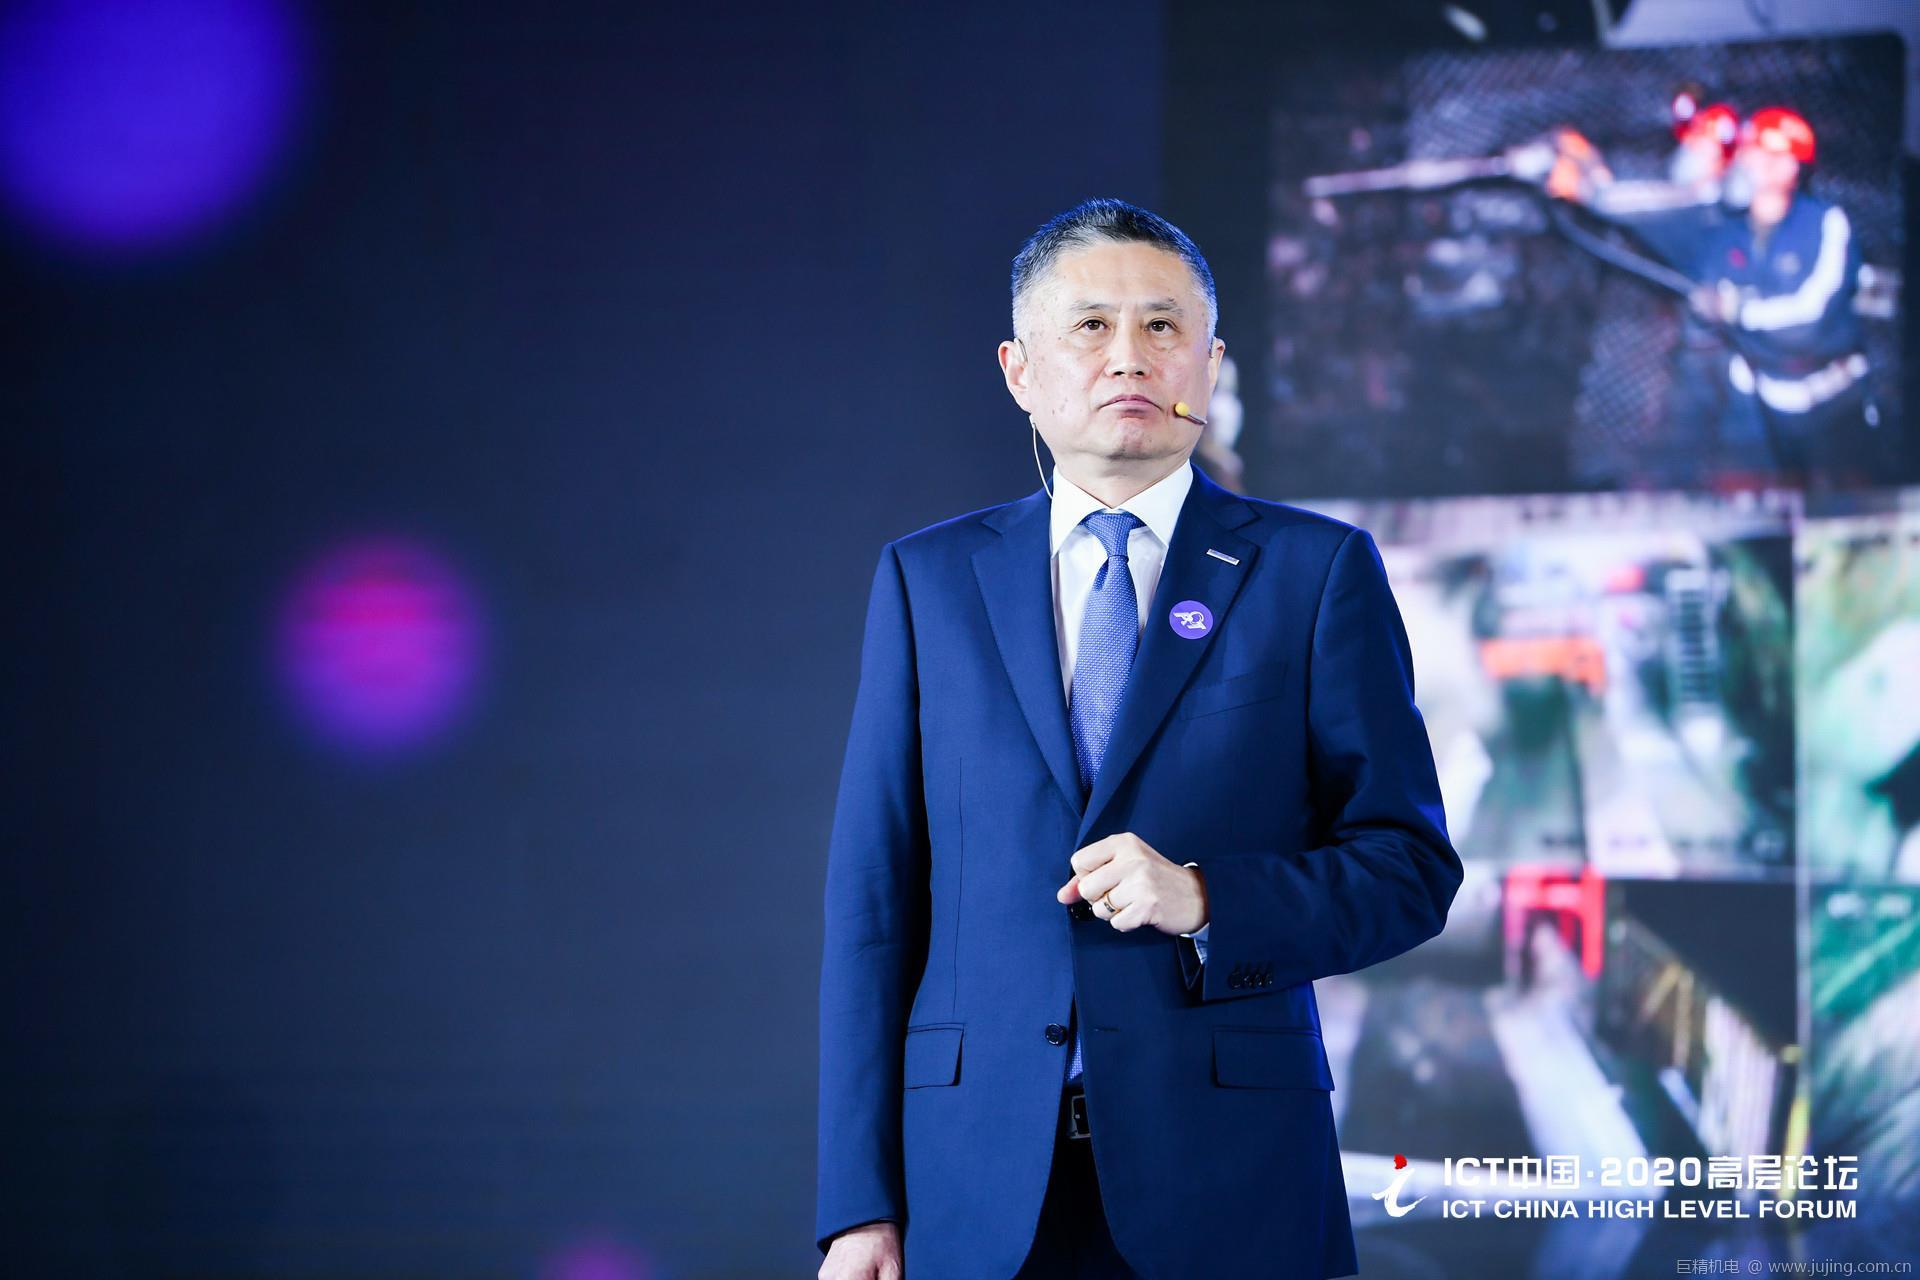 浪潮集团执行总裁陈东风:构建新模式,打造新生态,聚合新力量,共同推动5G产业创新发展